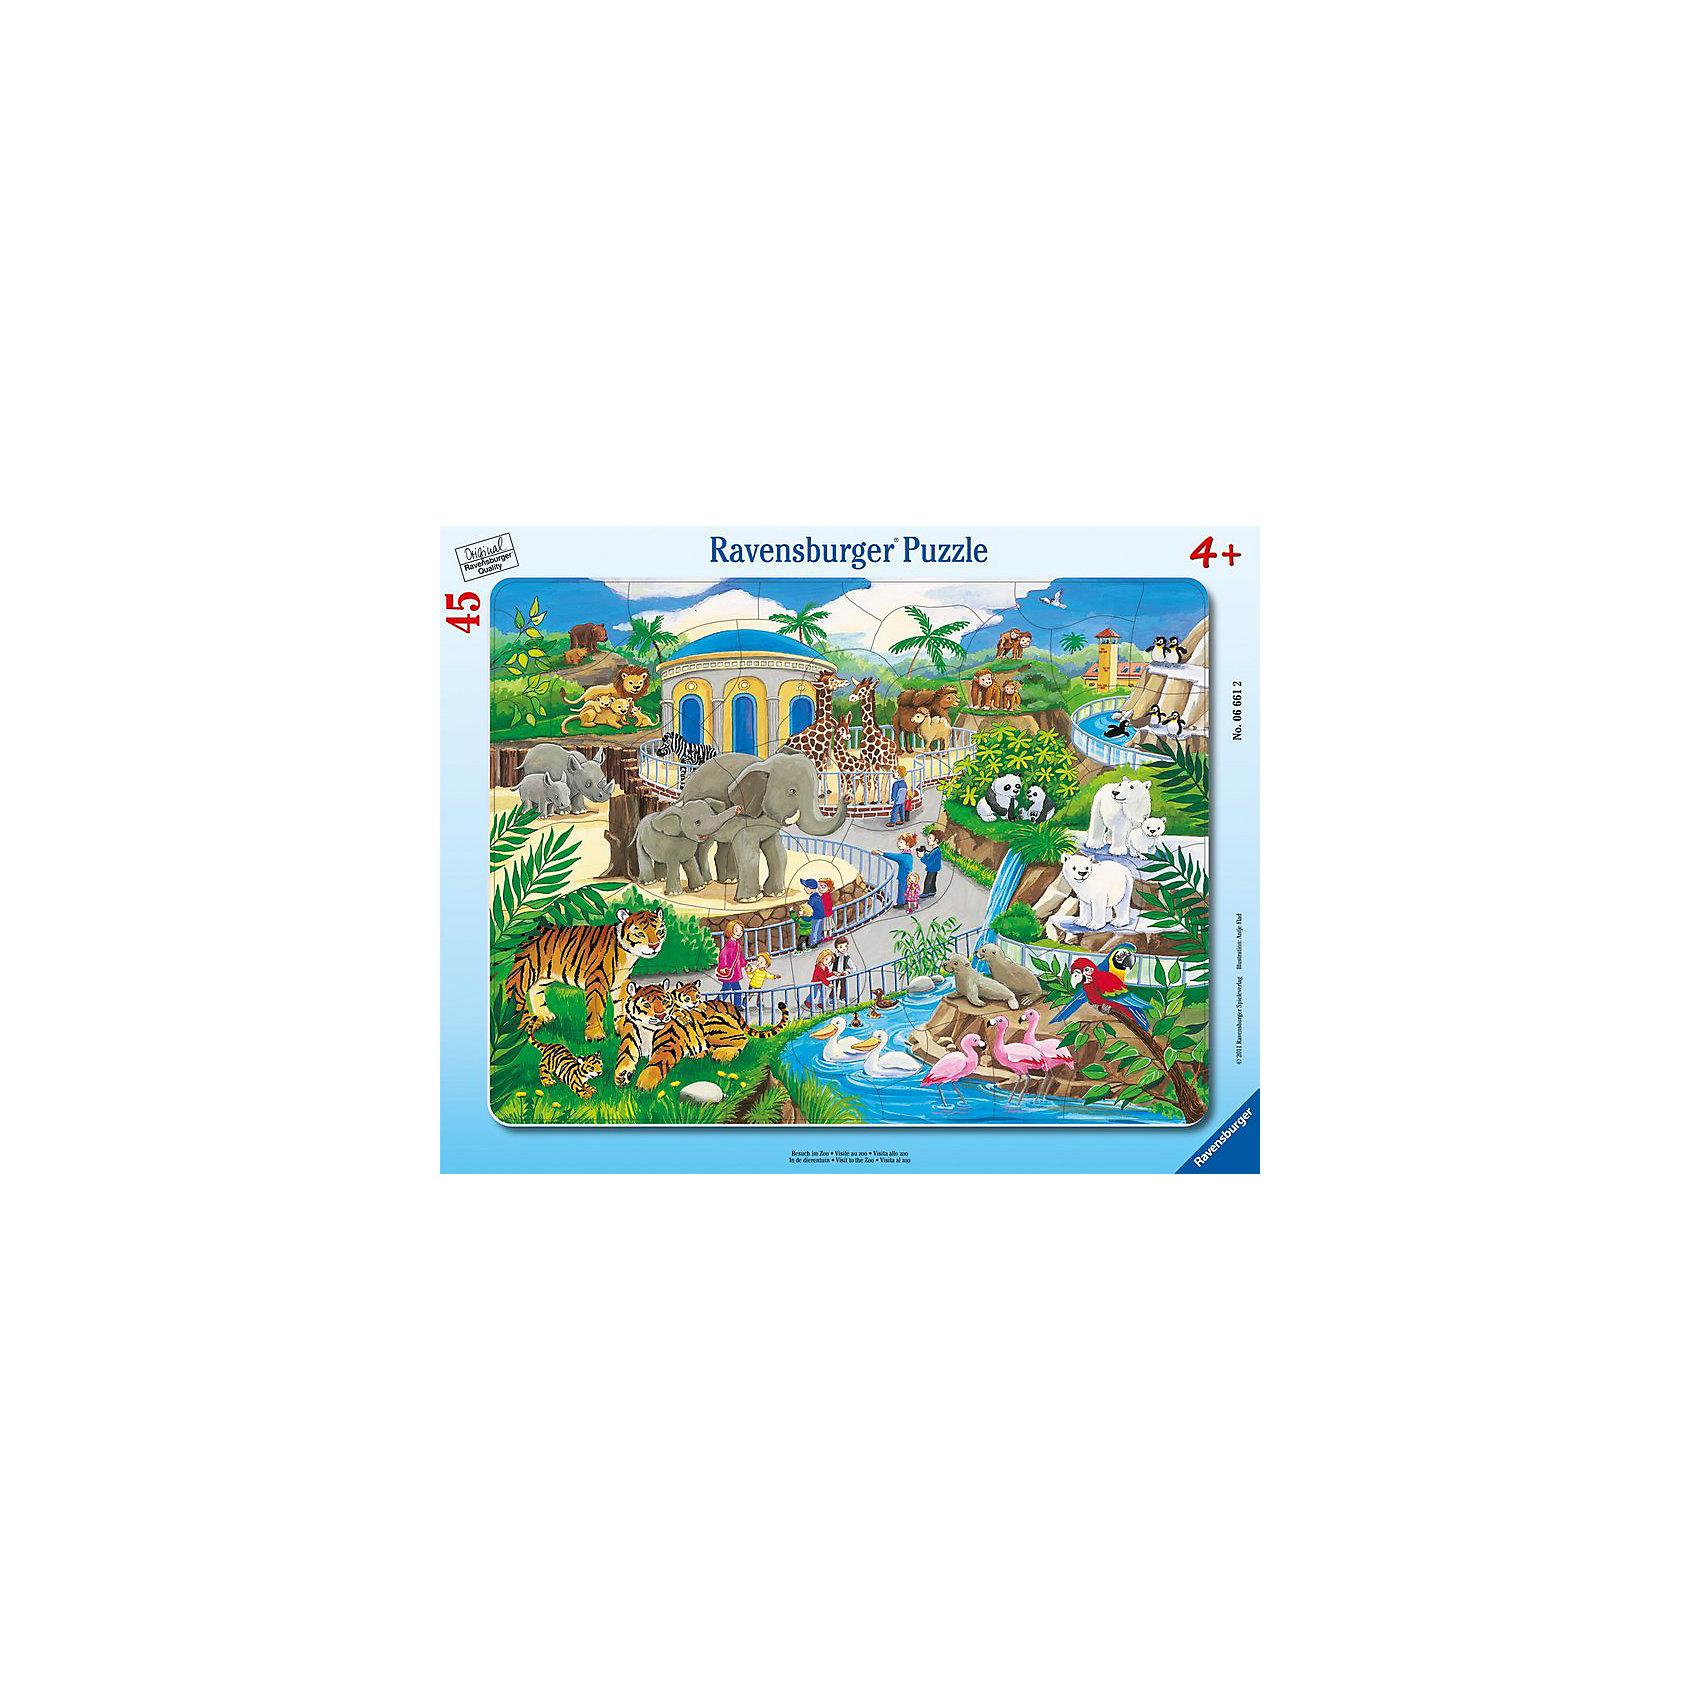 Пазл «Прогулка по зоопарку», 45 деталей, RavensburgerЯркая картинка, состоящая из 45 элементов, напечатана на картоне высочайшего качества. Собирать такую головоломку приятно и достаточно легко, ведь изображенные на рисунке животные крупные и хорошо узнаваемы. Здесь есть зебры, жирафы, фламинго, львы и много других зверушек, которые так нравятся детям. Пазл положительно влияет на развитие памяти, сообразительности и моторики рук. Подарив ребёнку пазл Прогулка по зоопарку, вы подарите ему много положительных эмоций.<br>В товар входит:<br>-45 деталей <br><br>Дополнительная информация<br>- Размер картинки :  25*14,5 см <br>-Размер упаковки : 30*19*5 см<br>-Возраст: от 3 лет<br>-Для мальчиков и девочек<br>-Состав: картон<br>-Бренд: Ravensburger (Равенсбургер)<br>-Страна обладатель бренда: Германия<br><br>Ширина мм: 376<br>Глубина мм: 292<br>Высота мм: 7<br>Вес г: 306<br>Возраст от месяцев: 48<br>Возраст до месяцев: 72<br>Пол: Унисекс<br>Возраст: Детский<br>Количество деталей: 45<br>SKU: 2354211